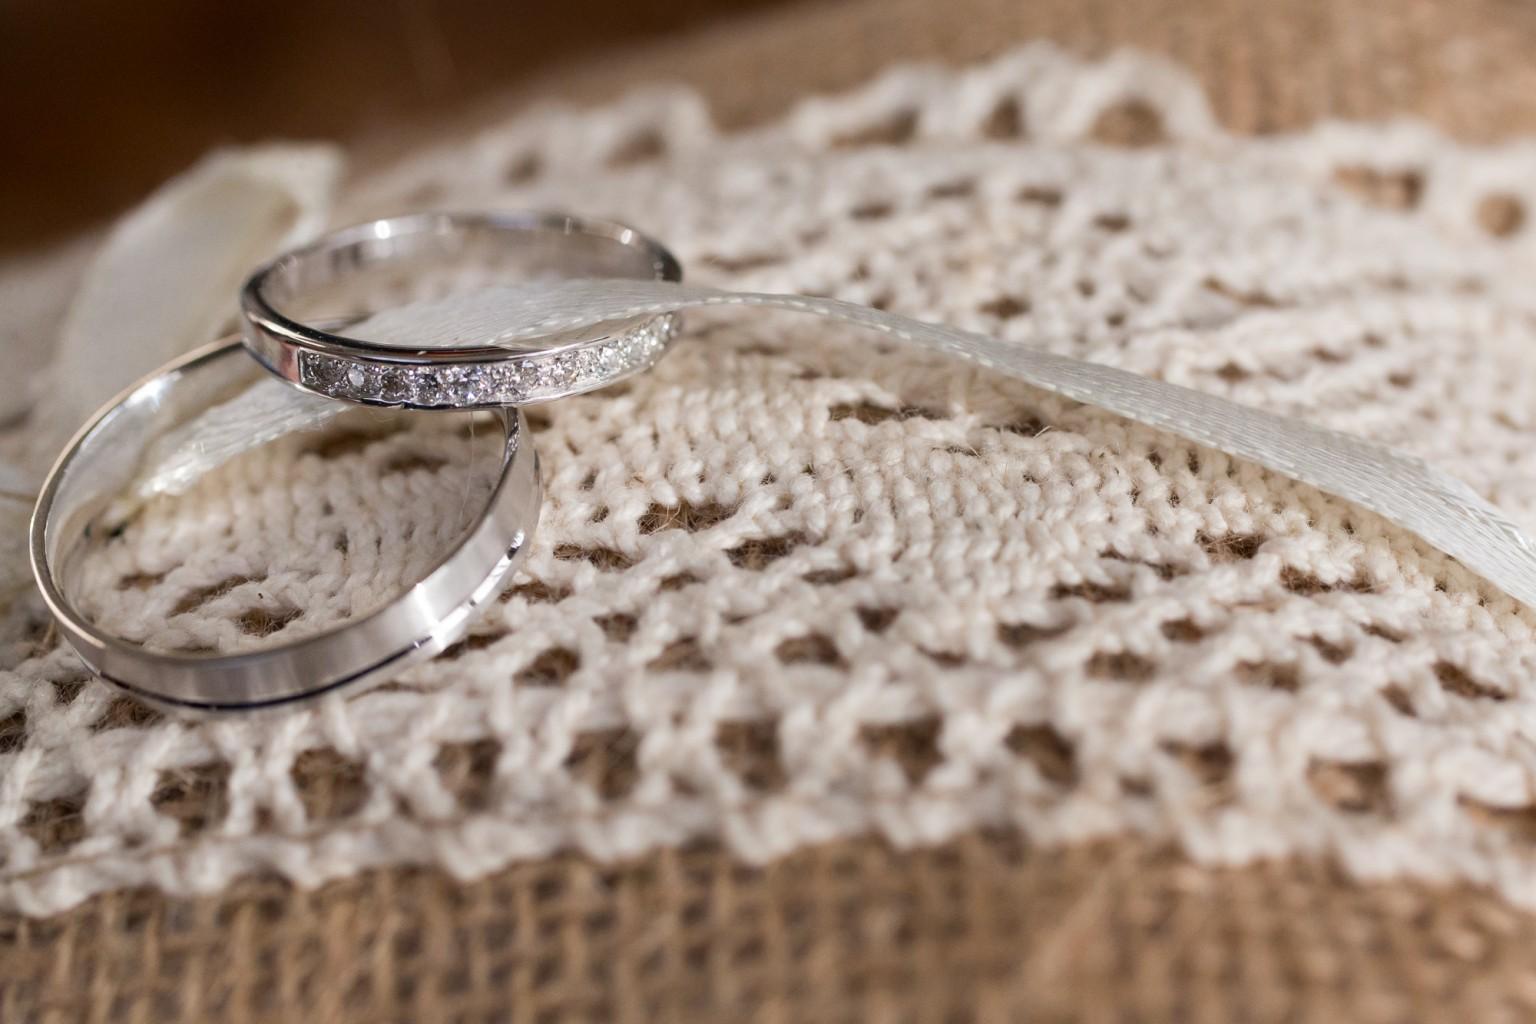 Huwelijksringen van zilver op gehaakte ondergrond